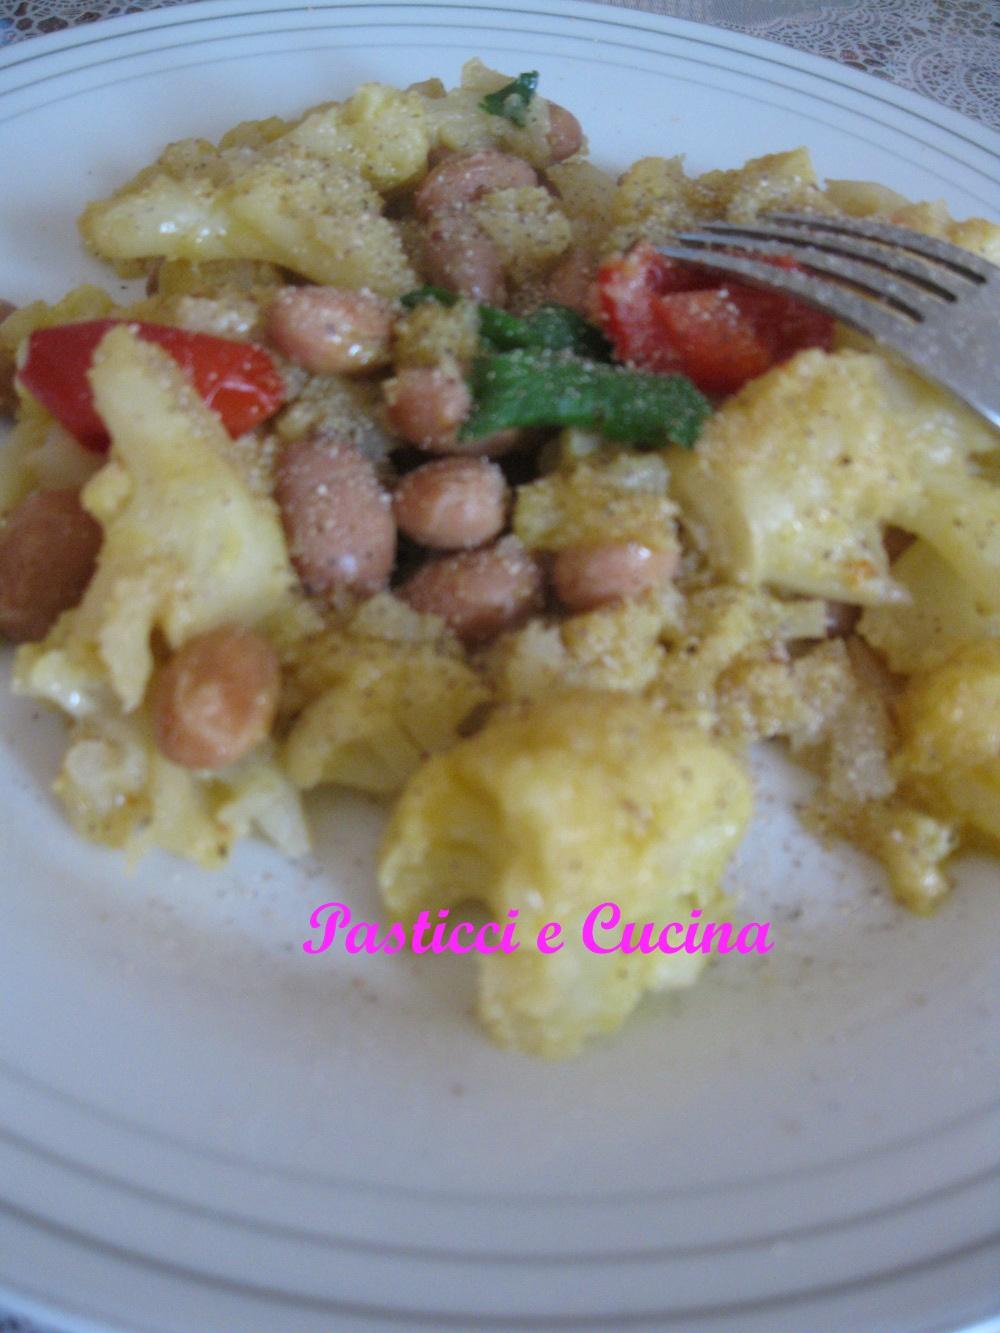 Cavolfiore al curry e curcuma da pasticci e cucina su akkiapparicette - Cucina e pasticci ...